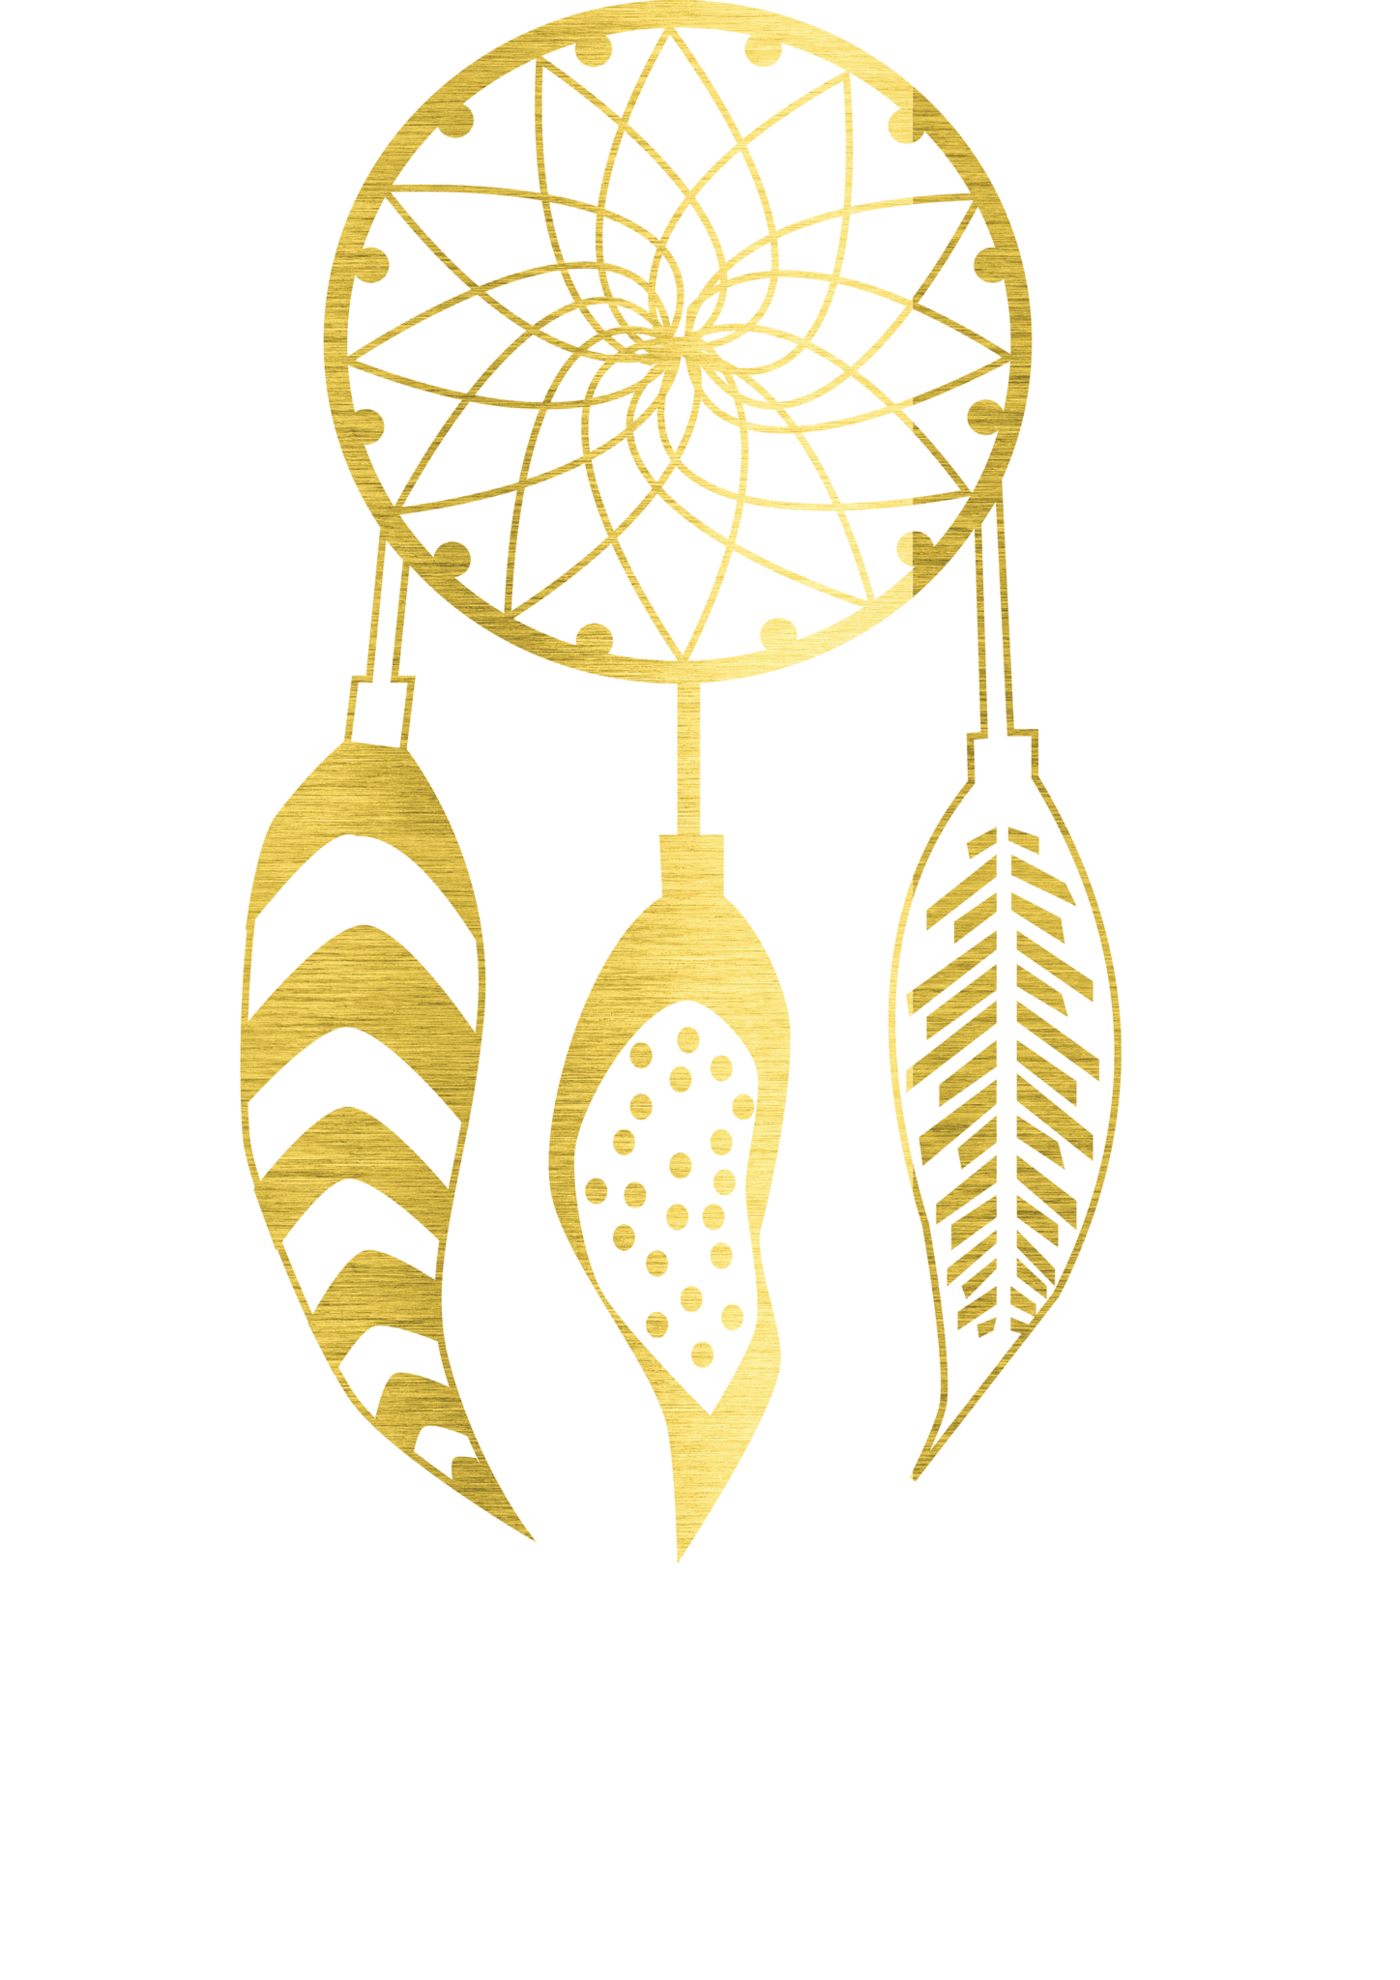 Foil print . Dreamcatcher clipart gold